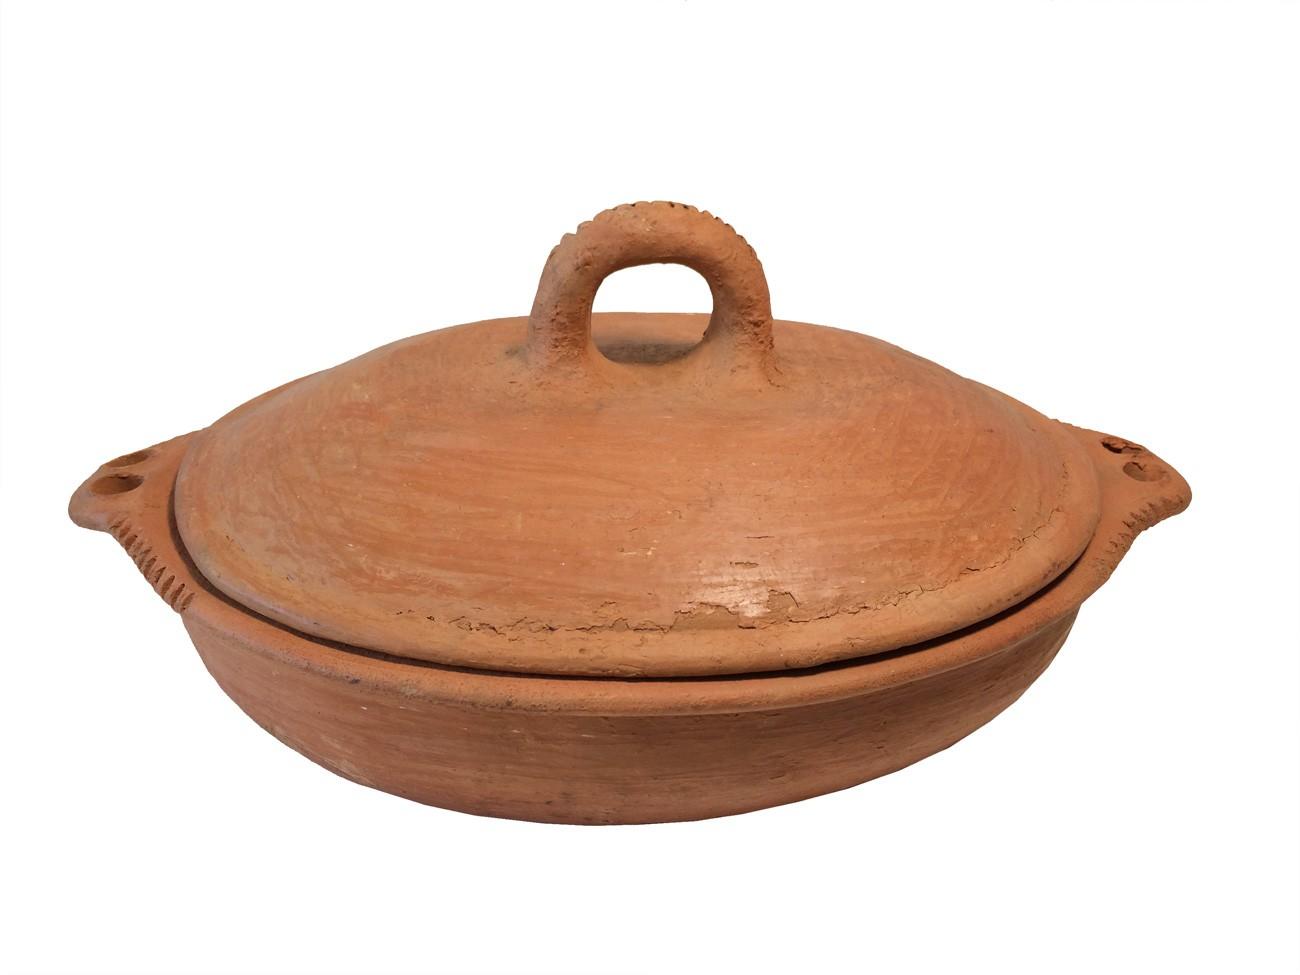 Plat tajine terre cuite tagra ovale et son brasero cm - Plat tajine terre cuite ...